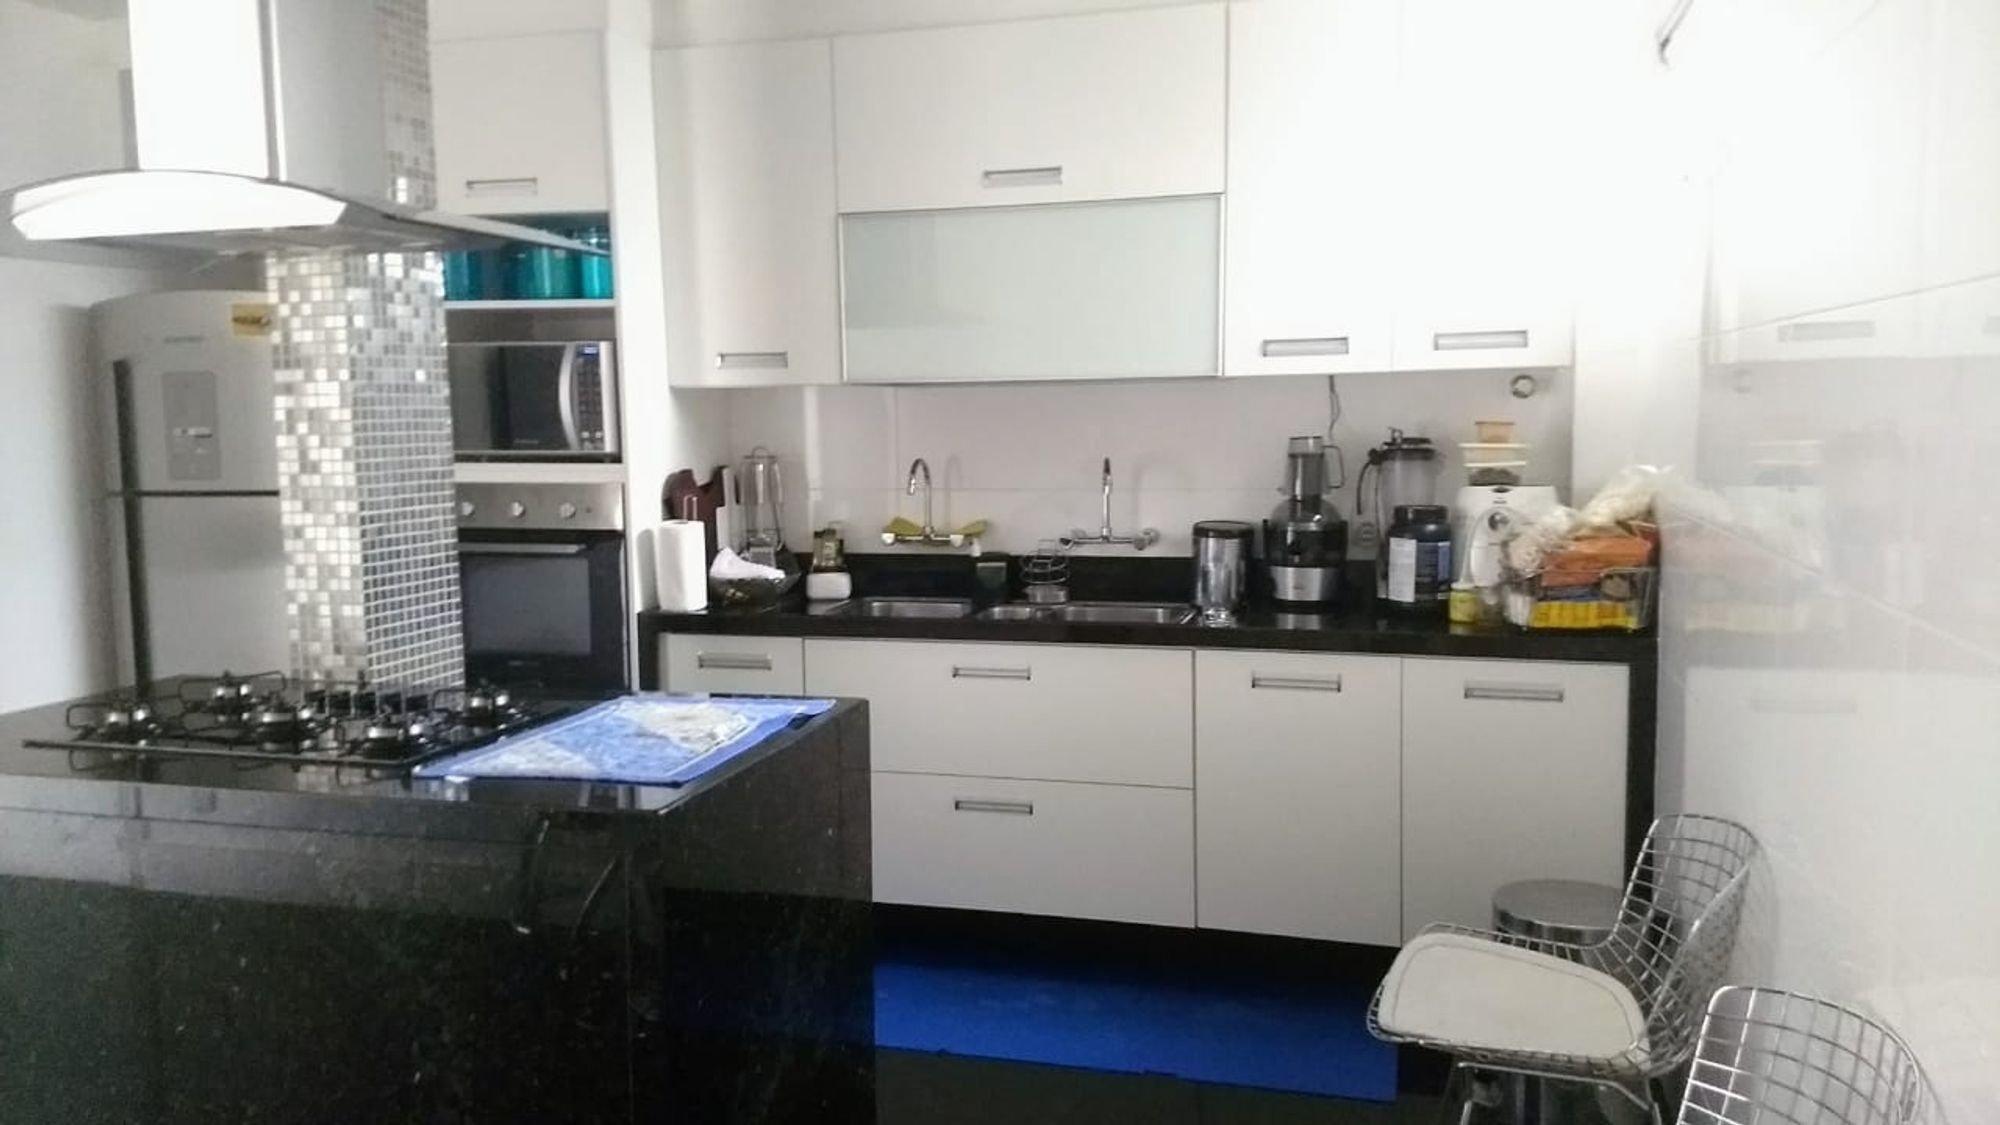 Foto de Cozinha com garrafa, pia, cadeira, microondas, xícara